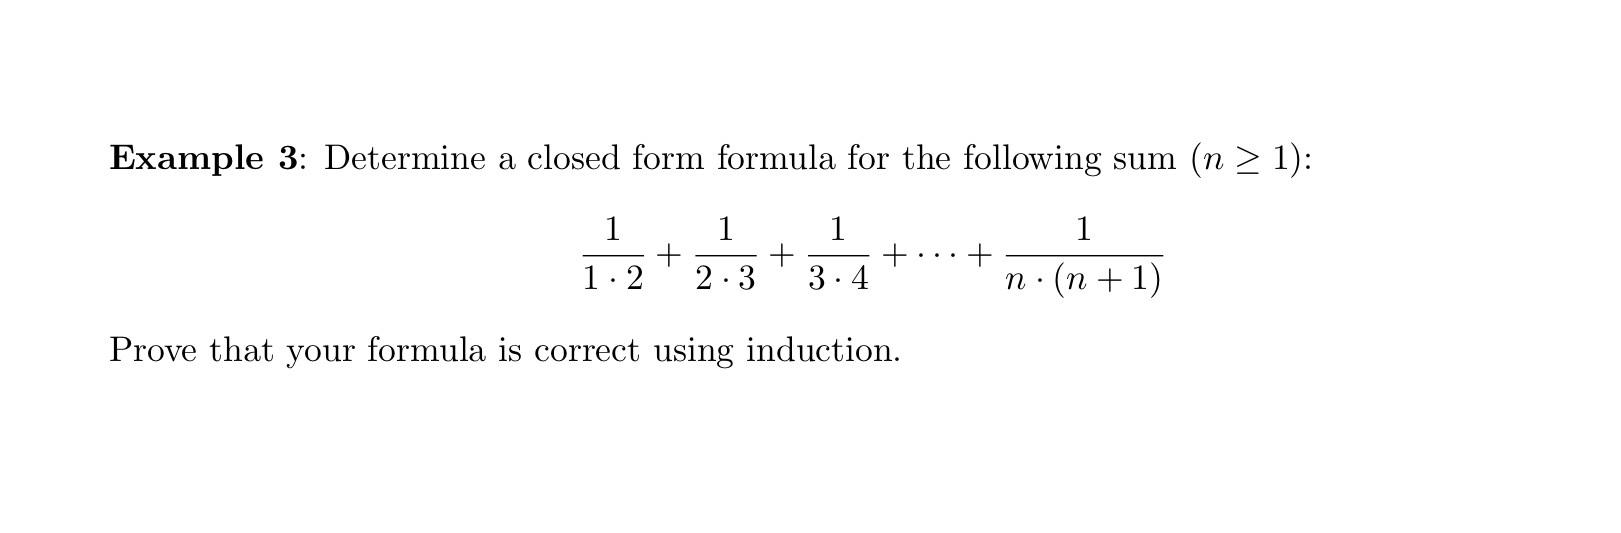 Determine A Closed Form Formula For The Following ... | Chegg.com